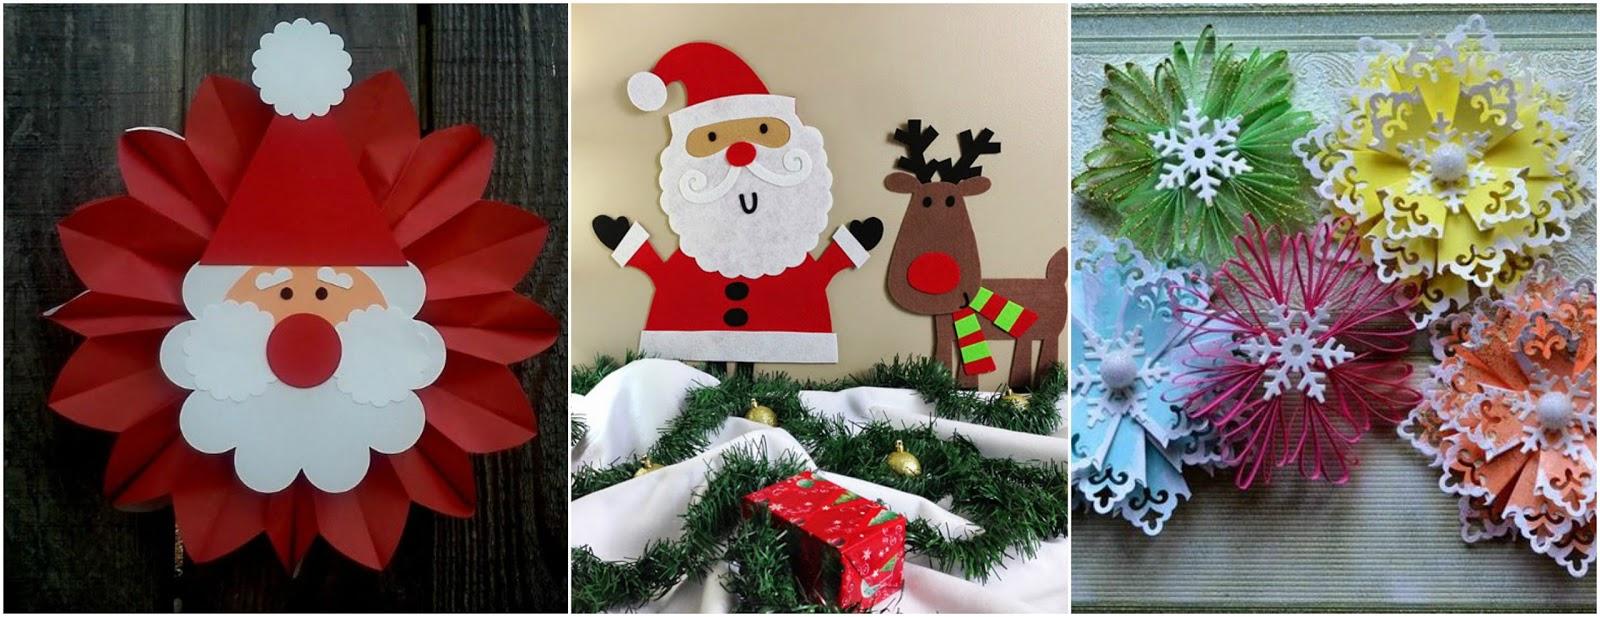 9 ideas para decorar en navidad con adornos de papel - Decoracion navidad papel ...